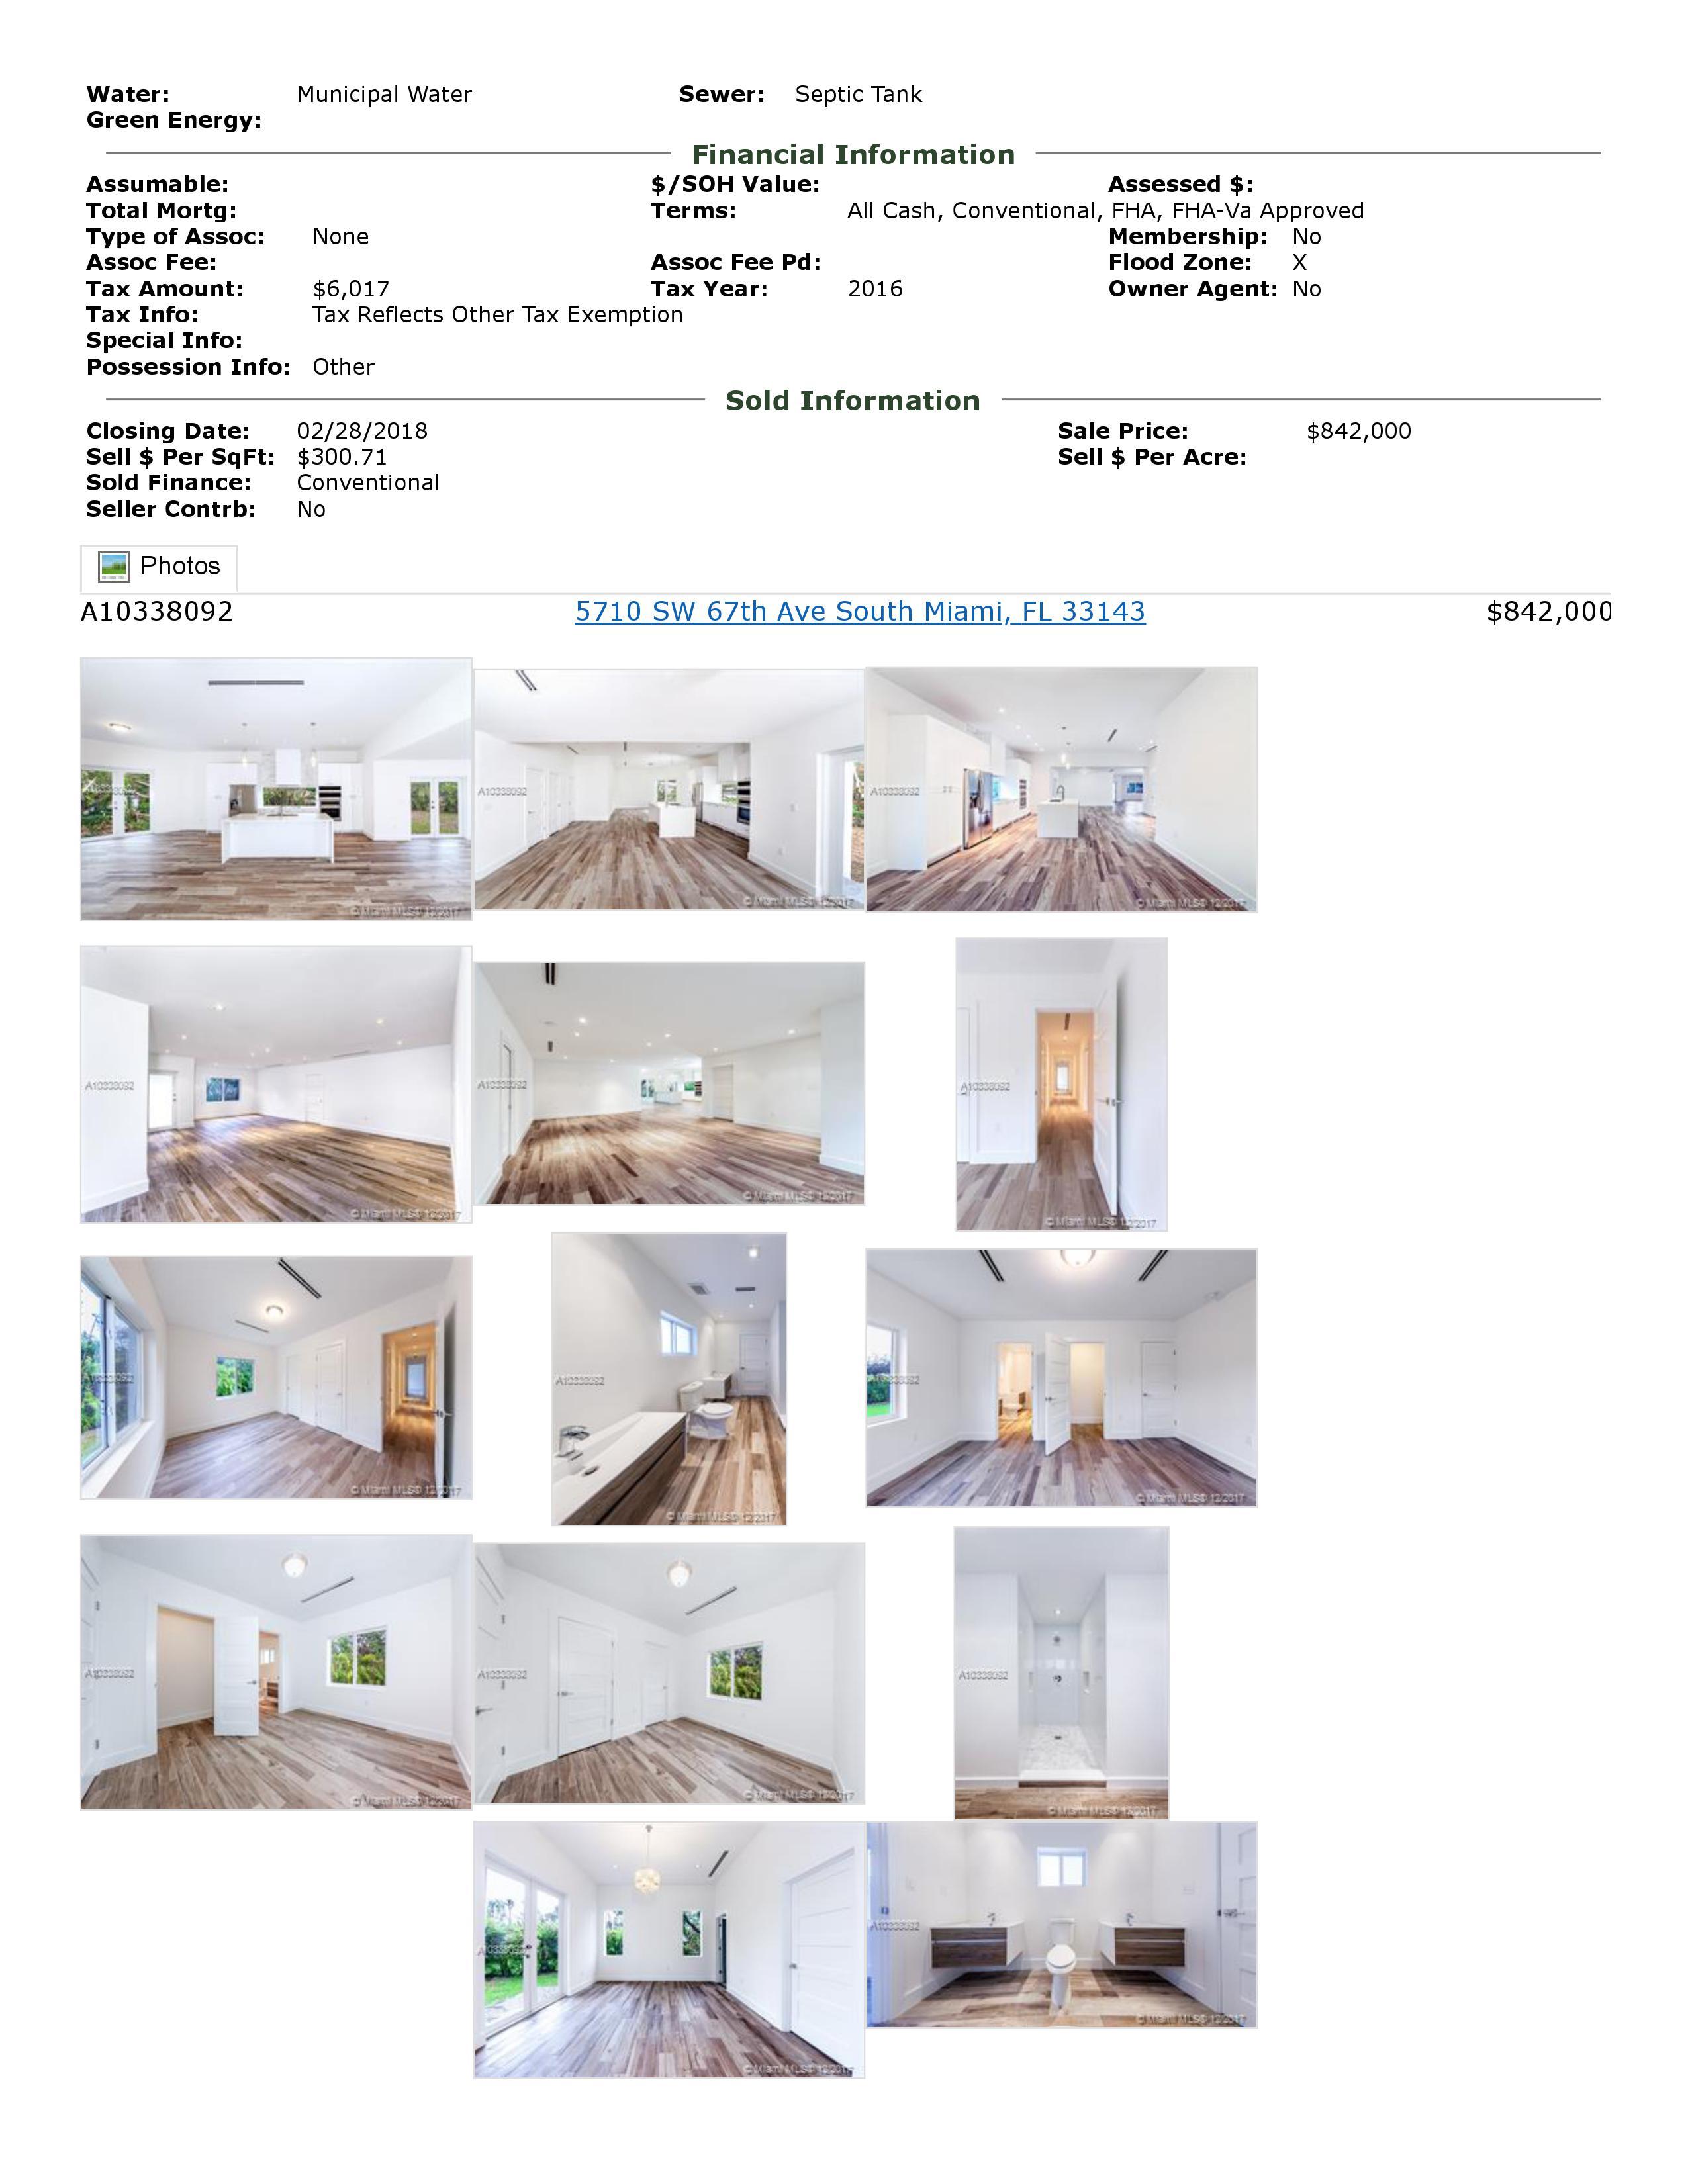 5710 sw 67 avenue south miami fl 33143